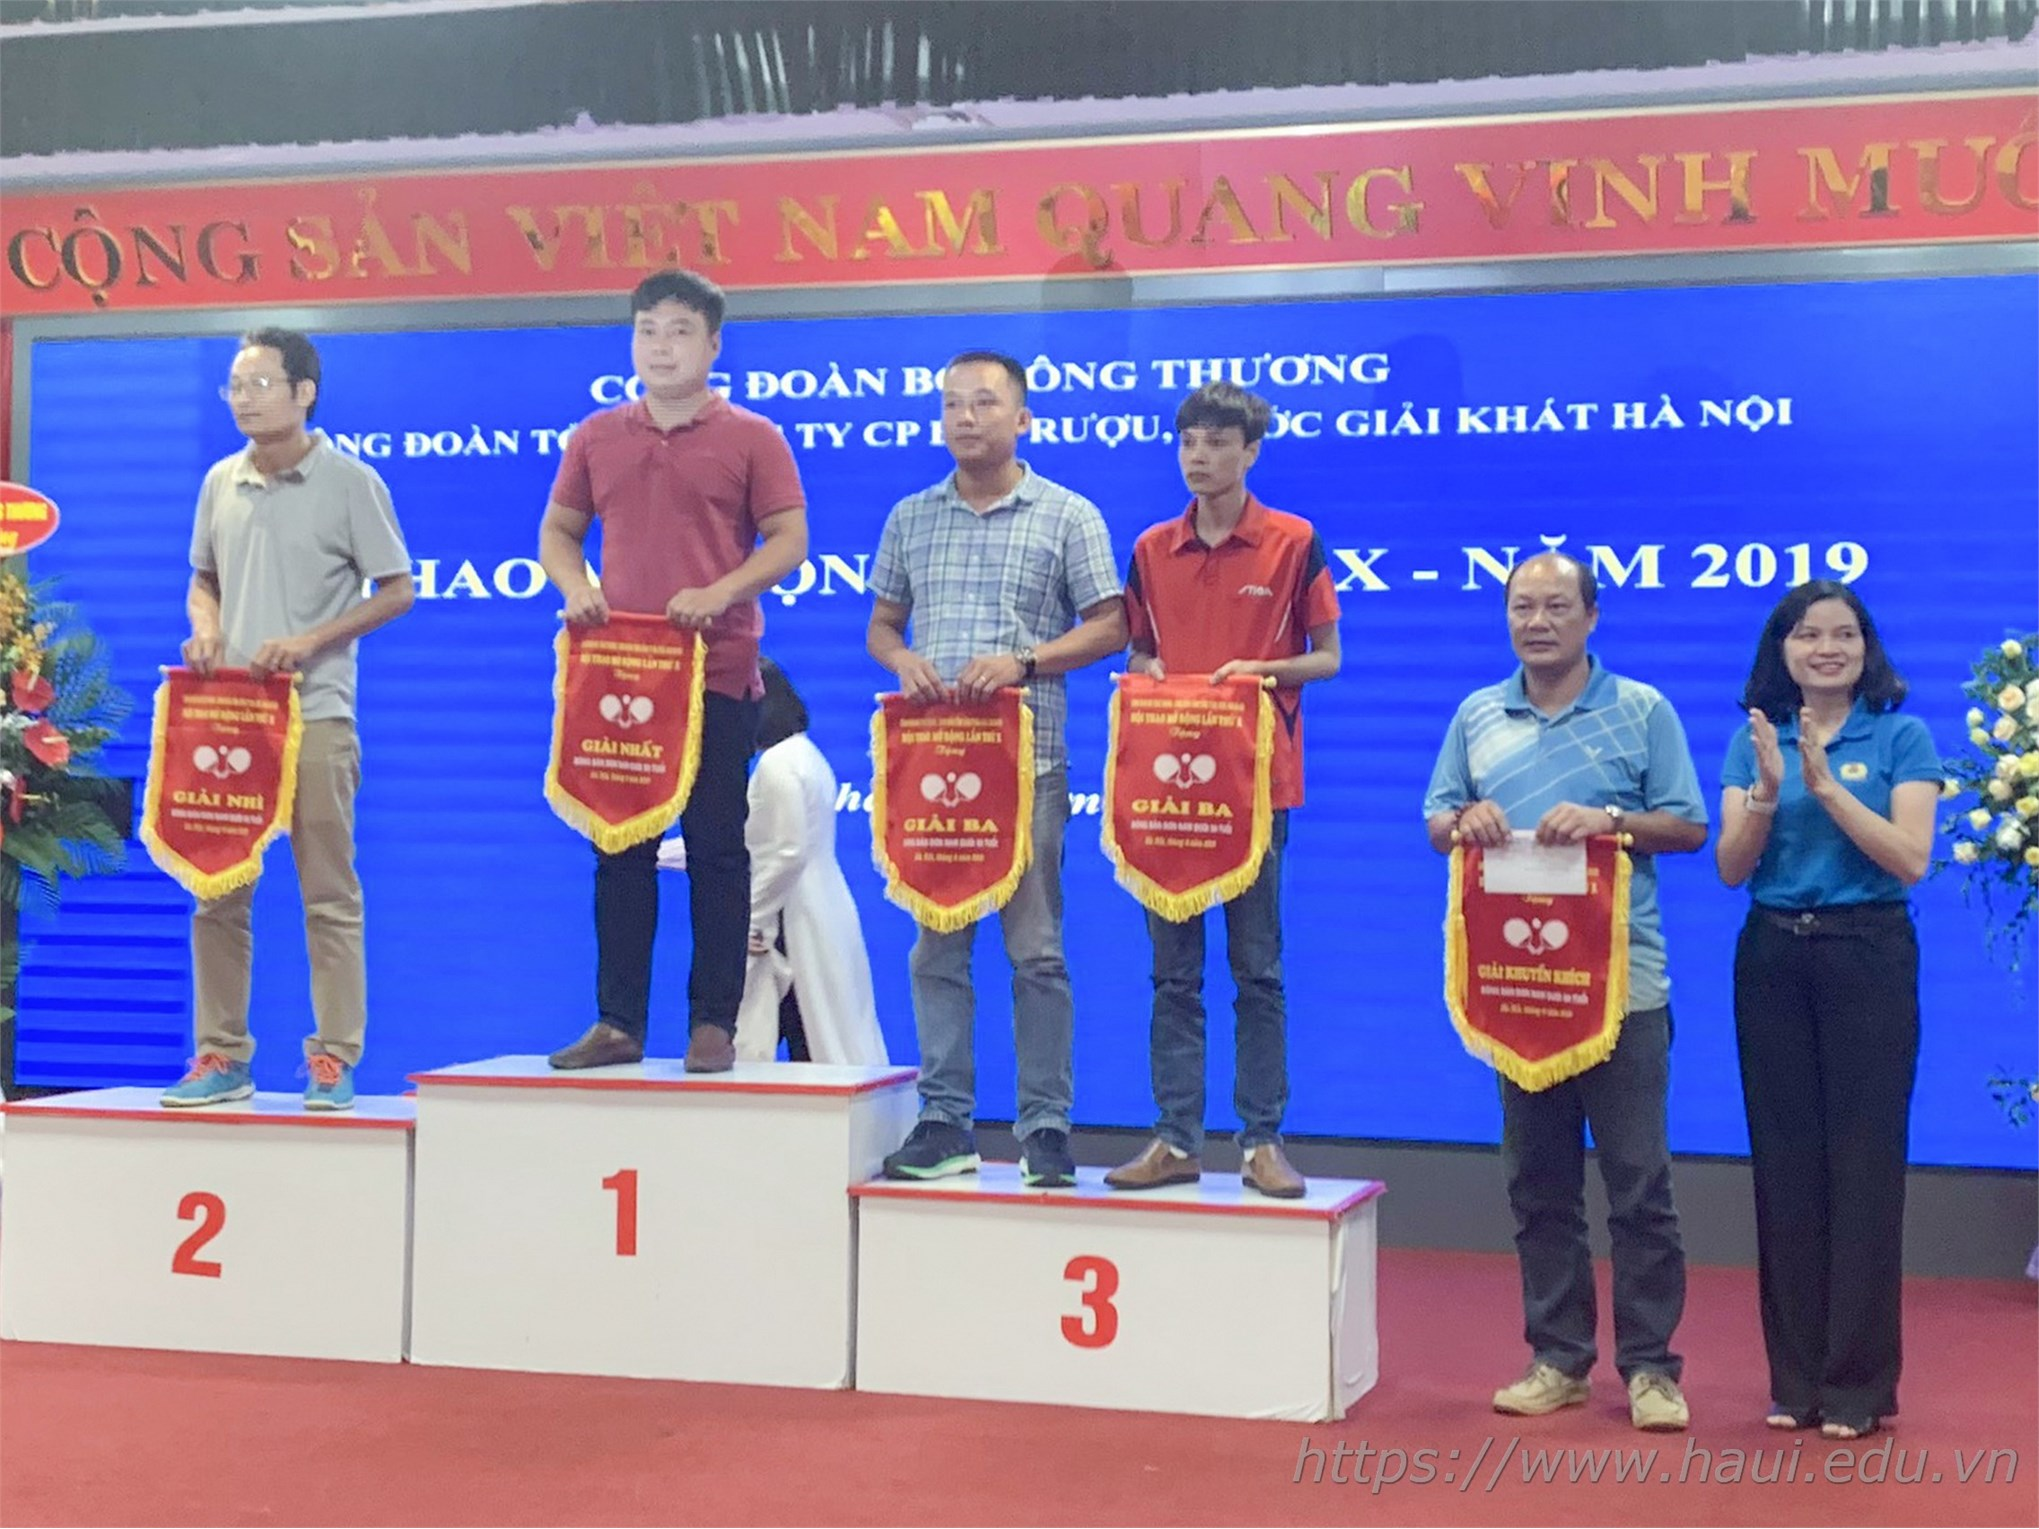 Trường Đại học Công nghiệp Hà Nội tham gia Hội thao Công đoàn Bộ Công Thương 2019